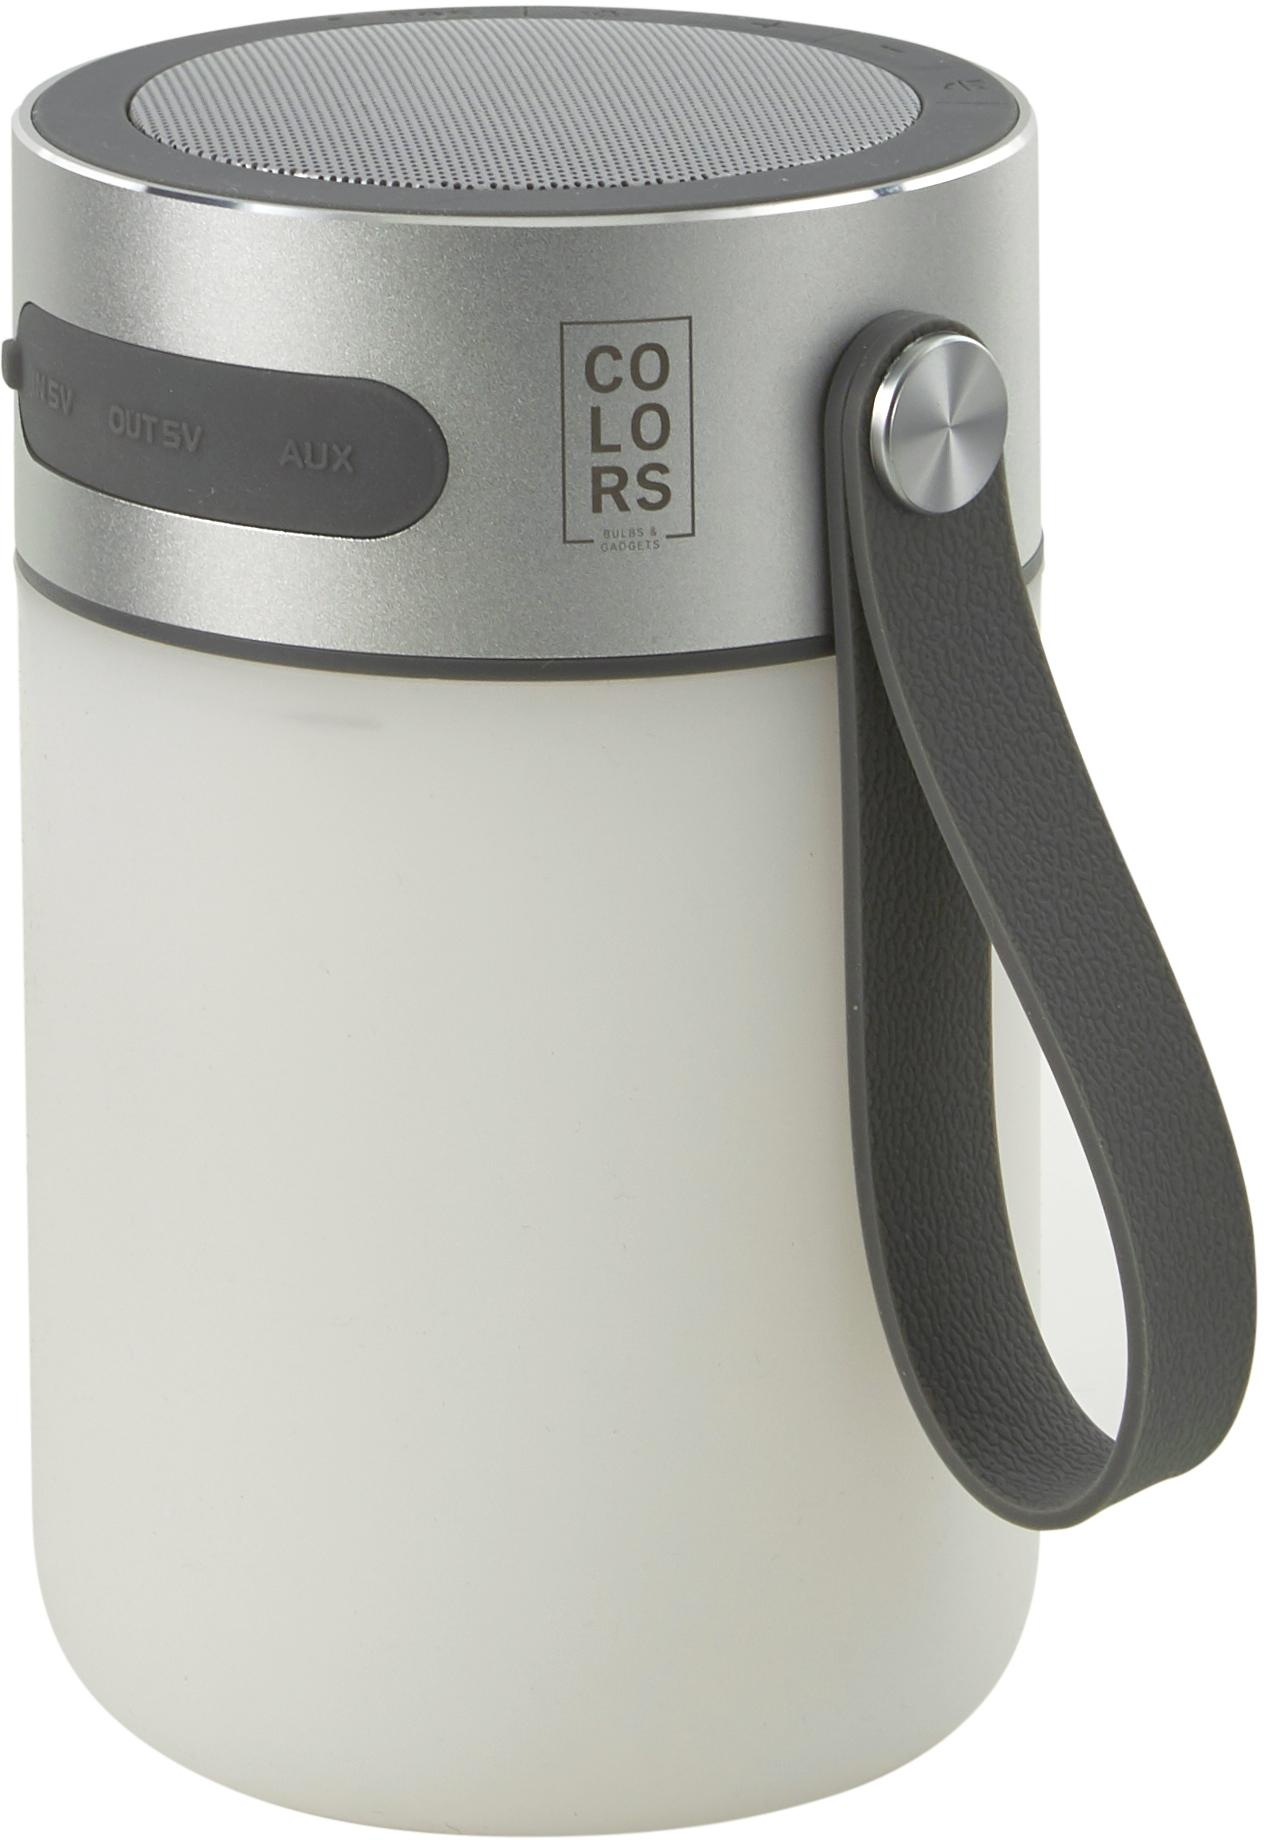 Mobile LED Aussenleuchte mit Lautsprecher Sound Jar, Gehäuse: Metall, Lampenschirm: Kunststoff, Silberfarben, Weiss, Ø 9 x H 14 cm